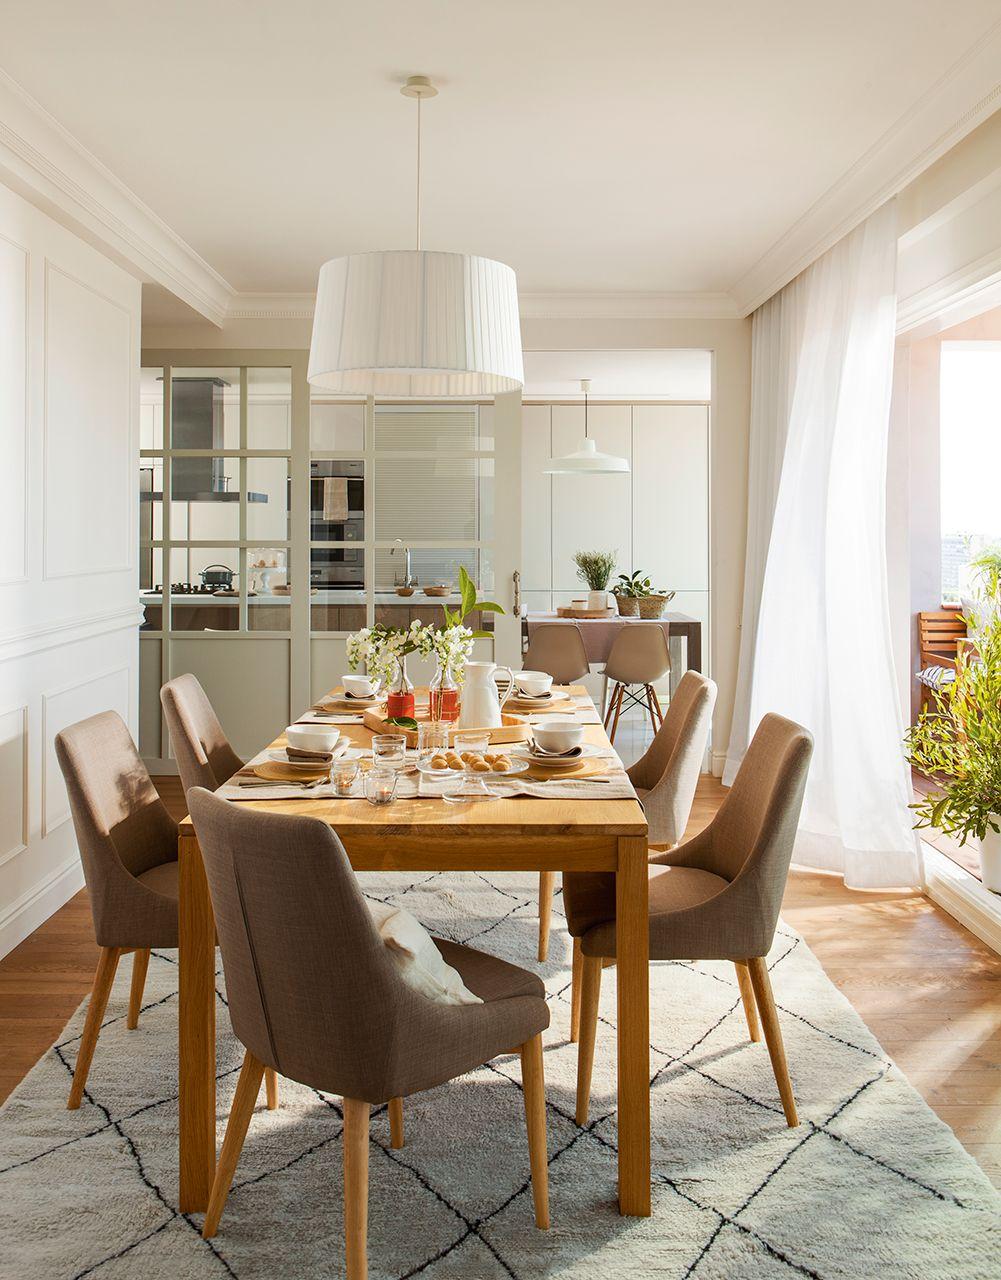 Comedor separado de la cocina por pared y puerta corredera - Puertas de comedor ...